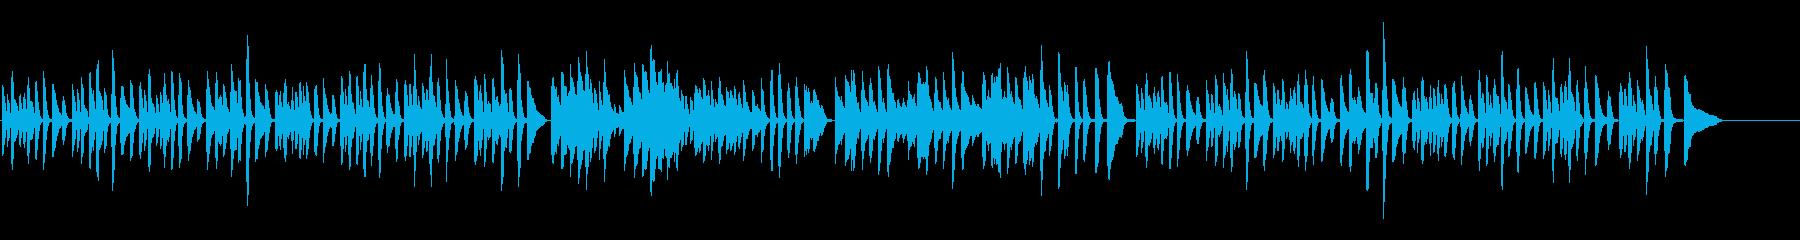 ガボット/ゴセック(ピアノソロ)の再生済みの波形